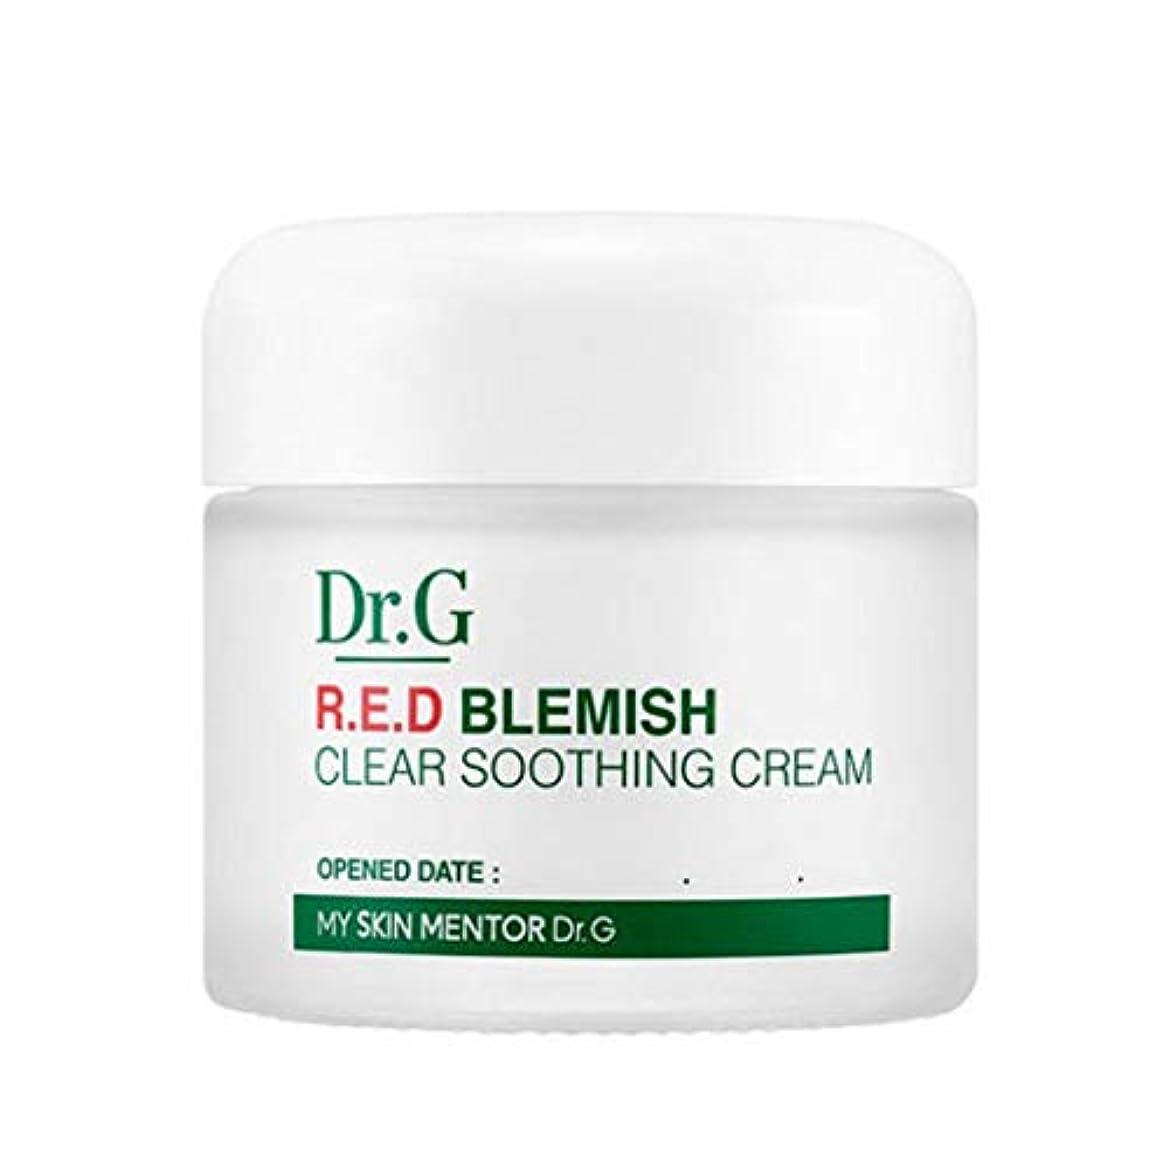 和らげる肘掛け椅子評価可能ドクターGレッドブレミッシュクリアスージングクリーム70ml水分クリーム、Dr.G Red Blemish Clear Soothing Cream 70ml Moisturizing Cream [並行輸入品]